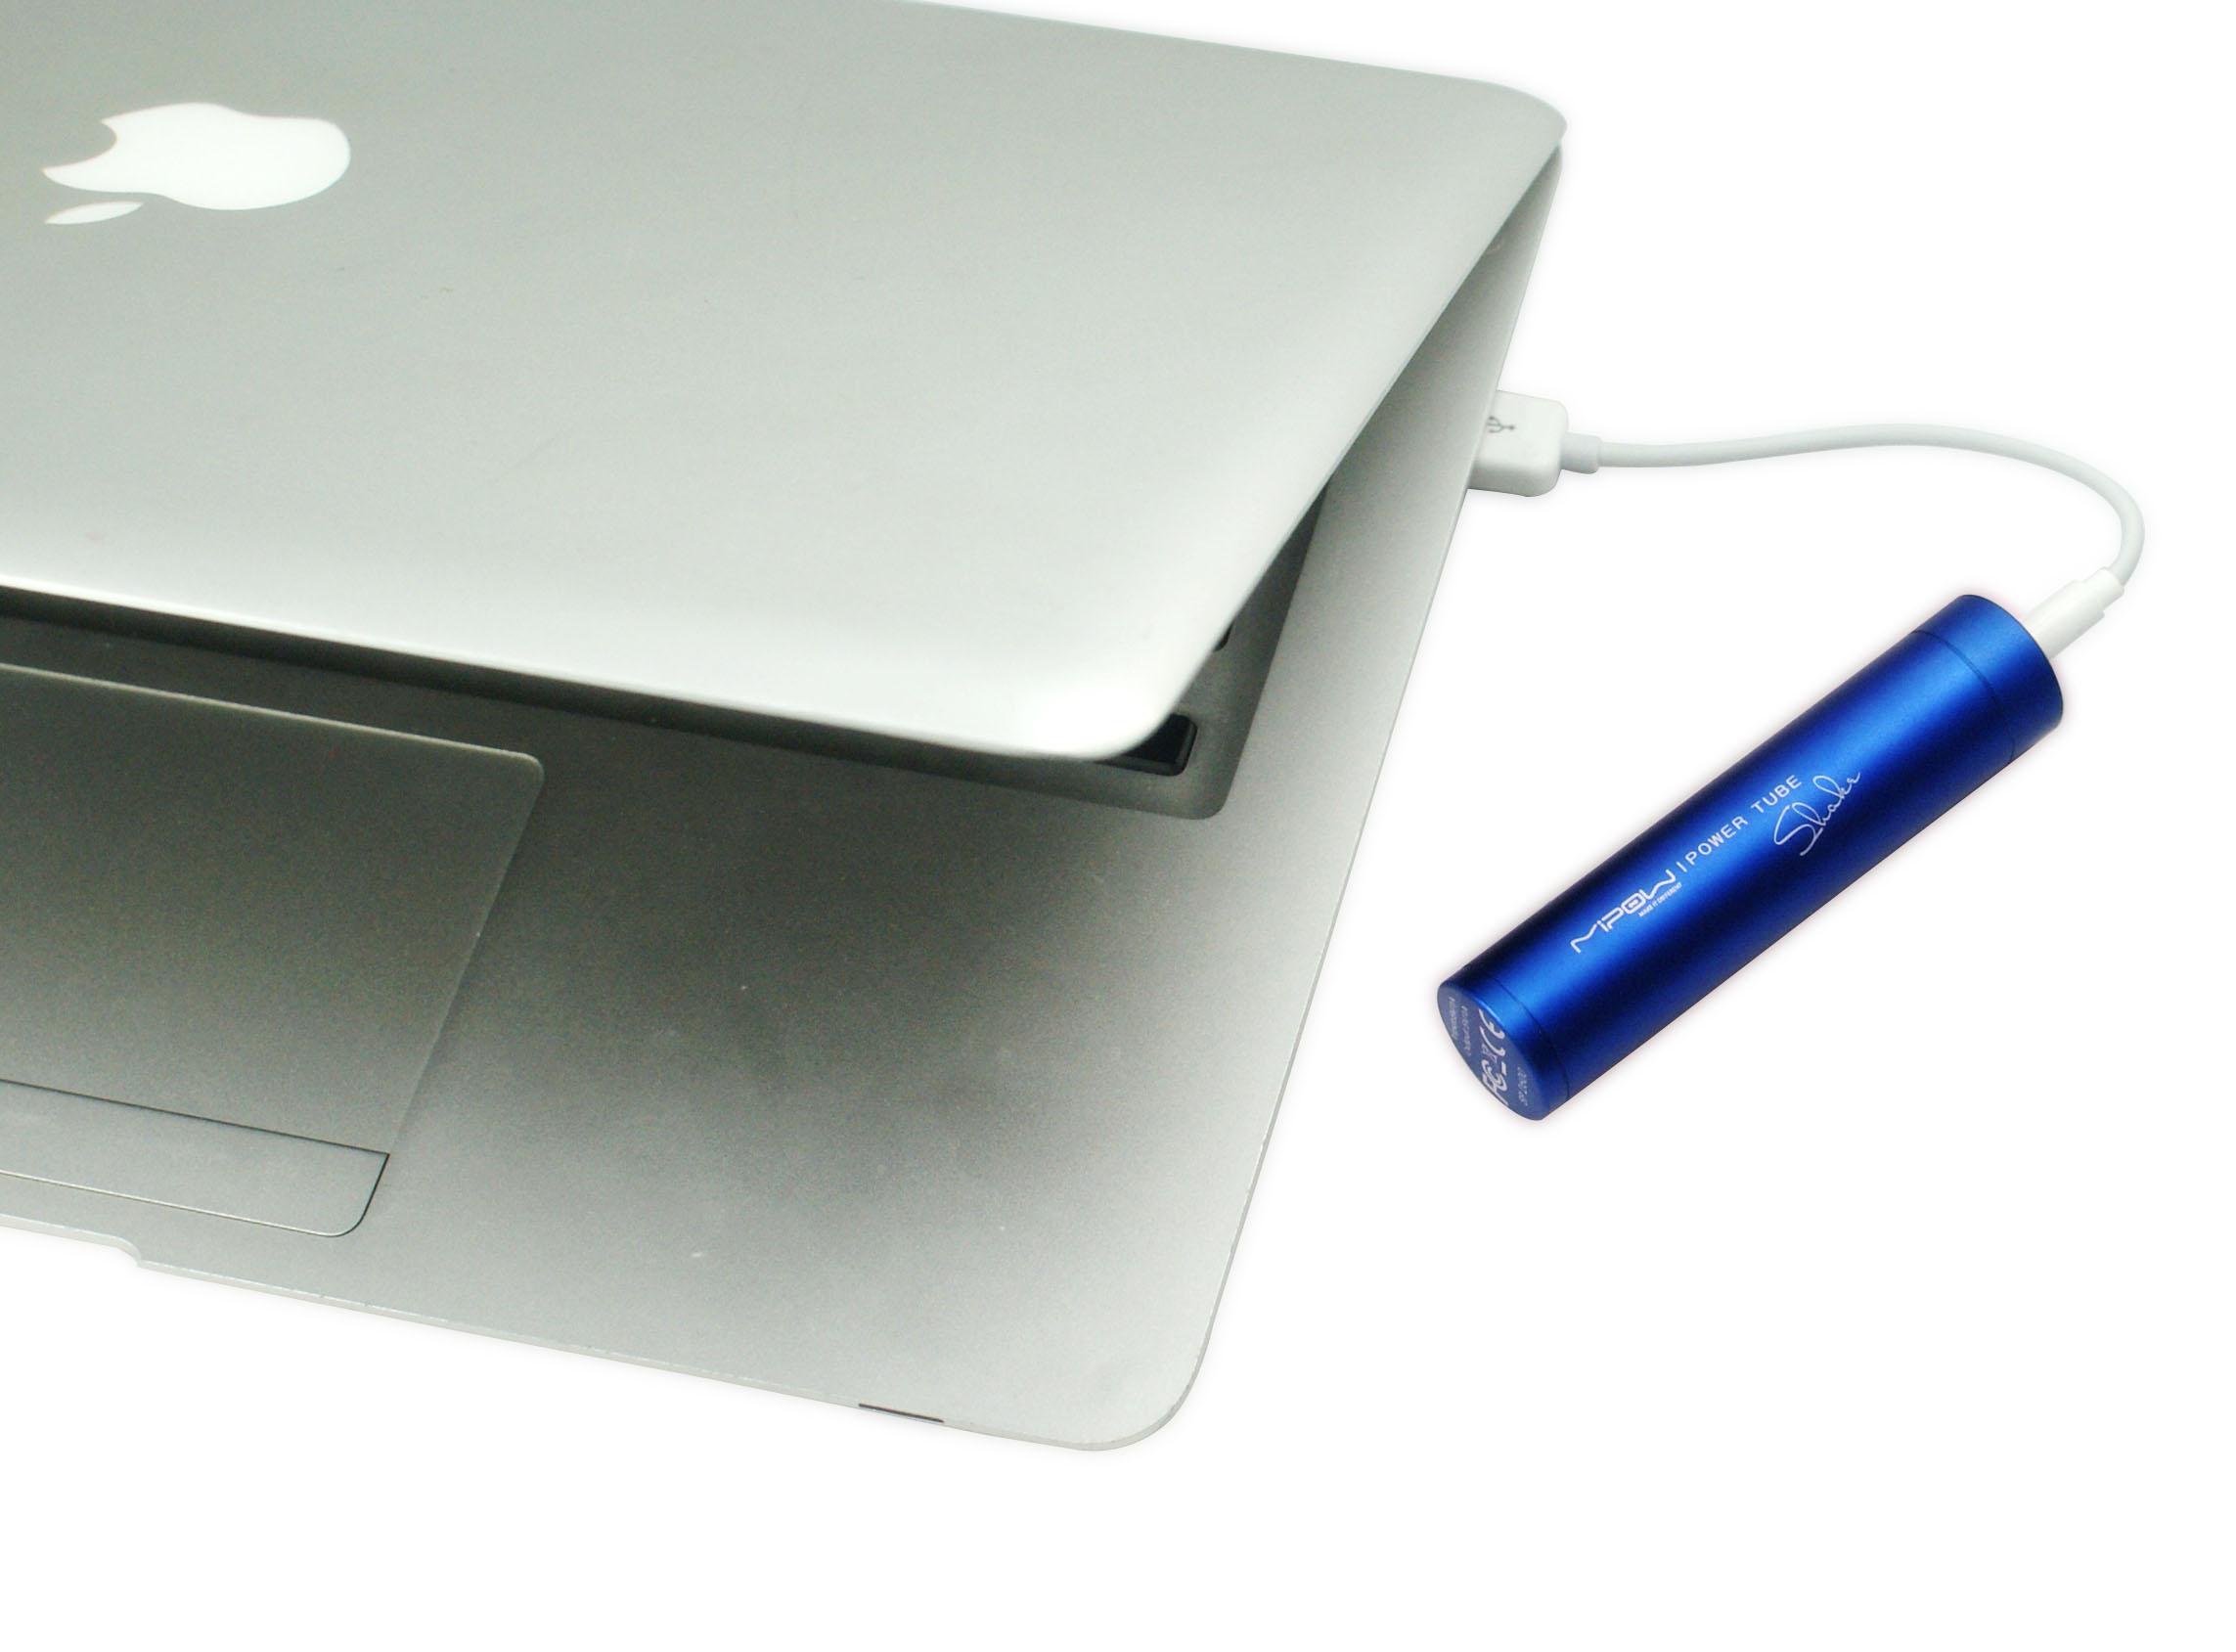 Eleganza premiata e tecnologia affidabile: da MiPow due accessori per smartphone, tablet e console